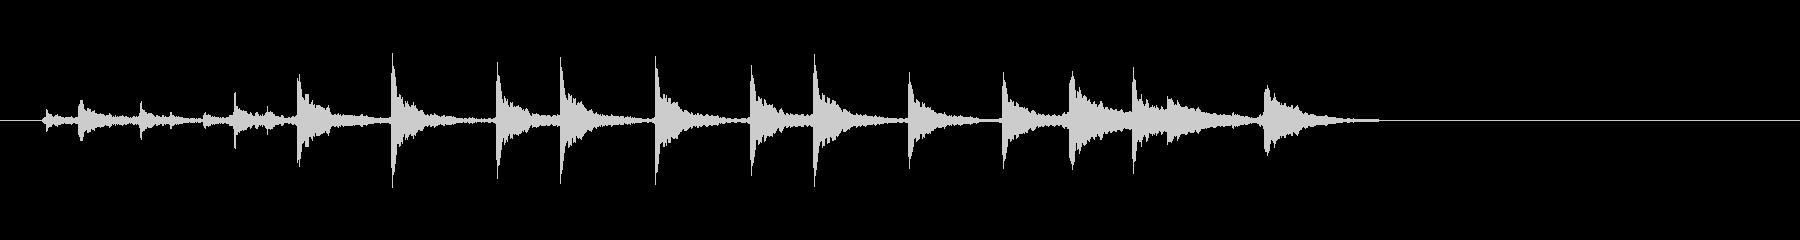 ドラムエキゾチックパーカッションビ...の未再生の波形